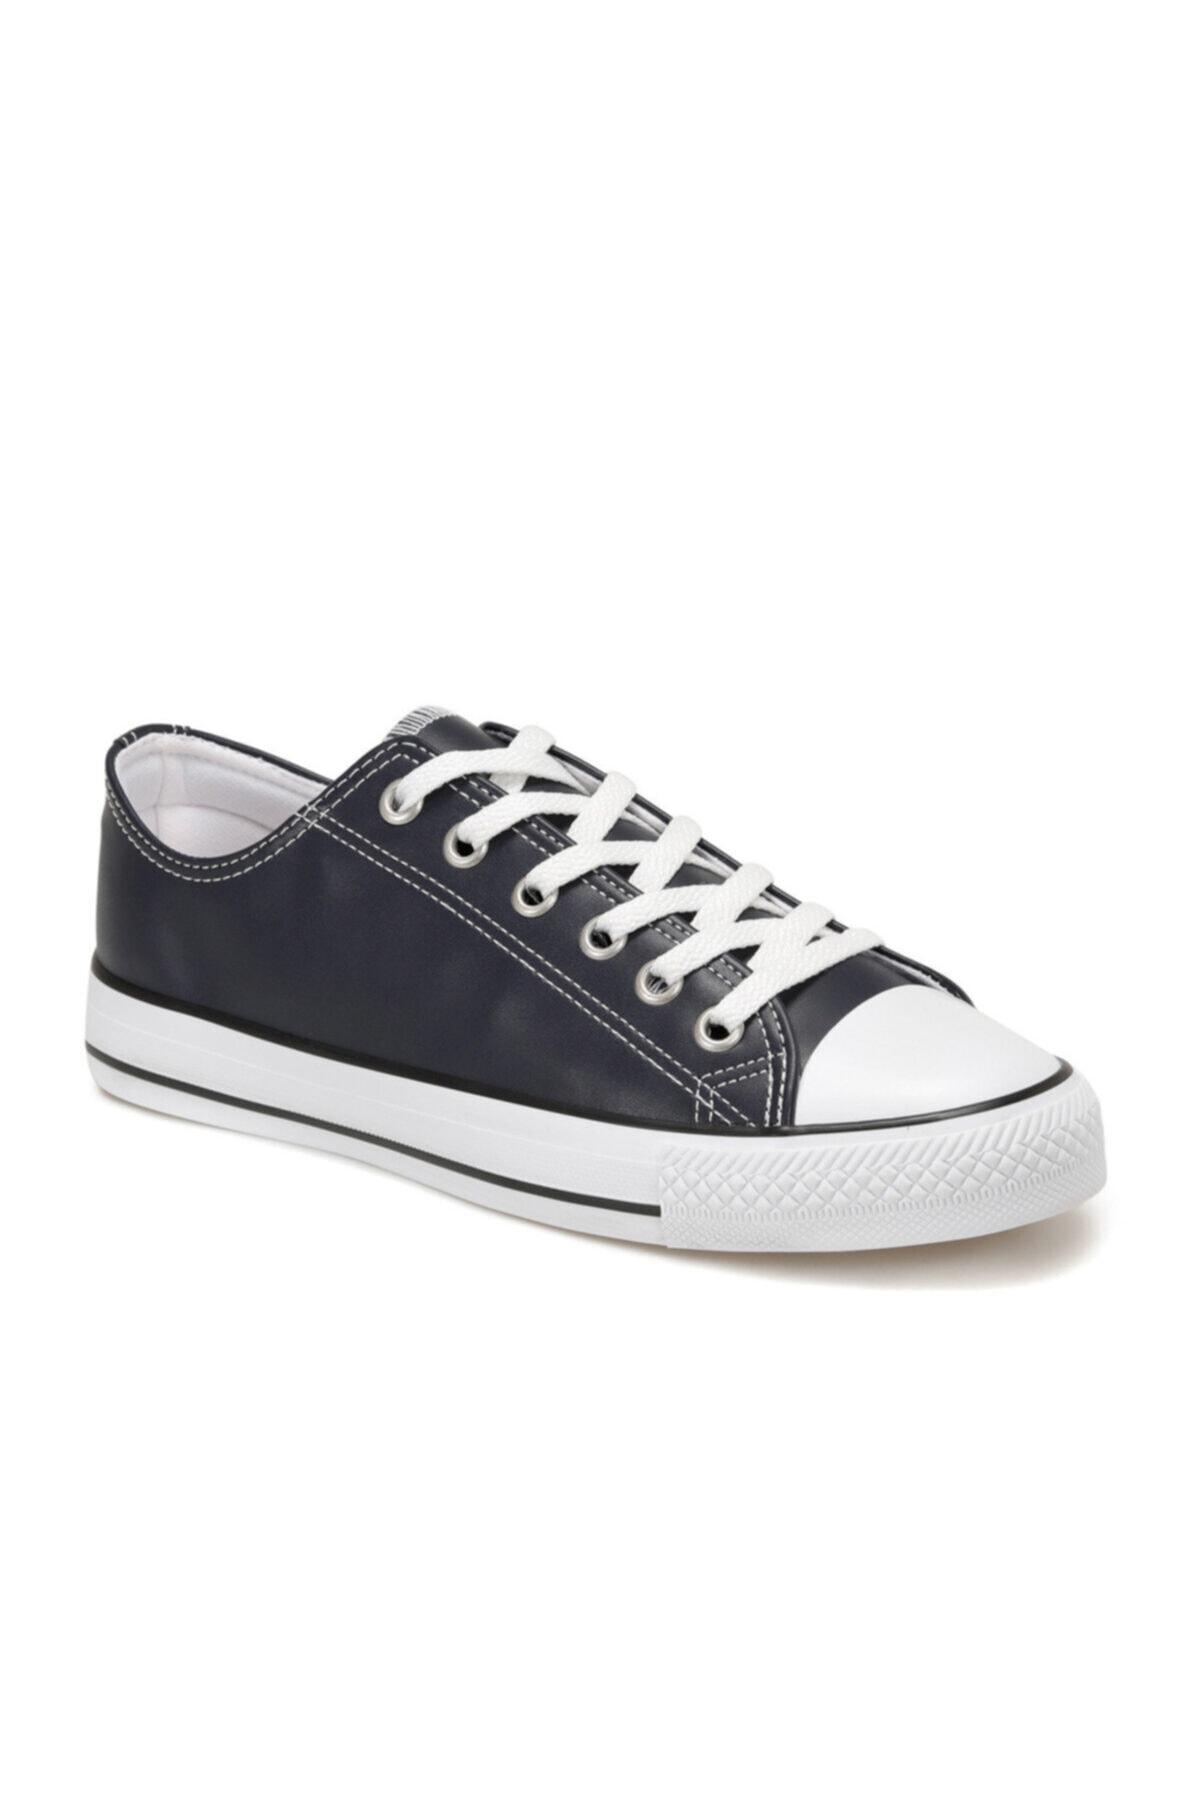 FORESTER EC-2001 Lacivert Erkek Kalın Tabanlı Sneaker 100669573 1